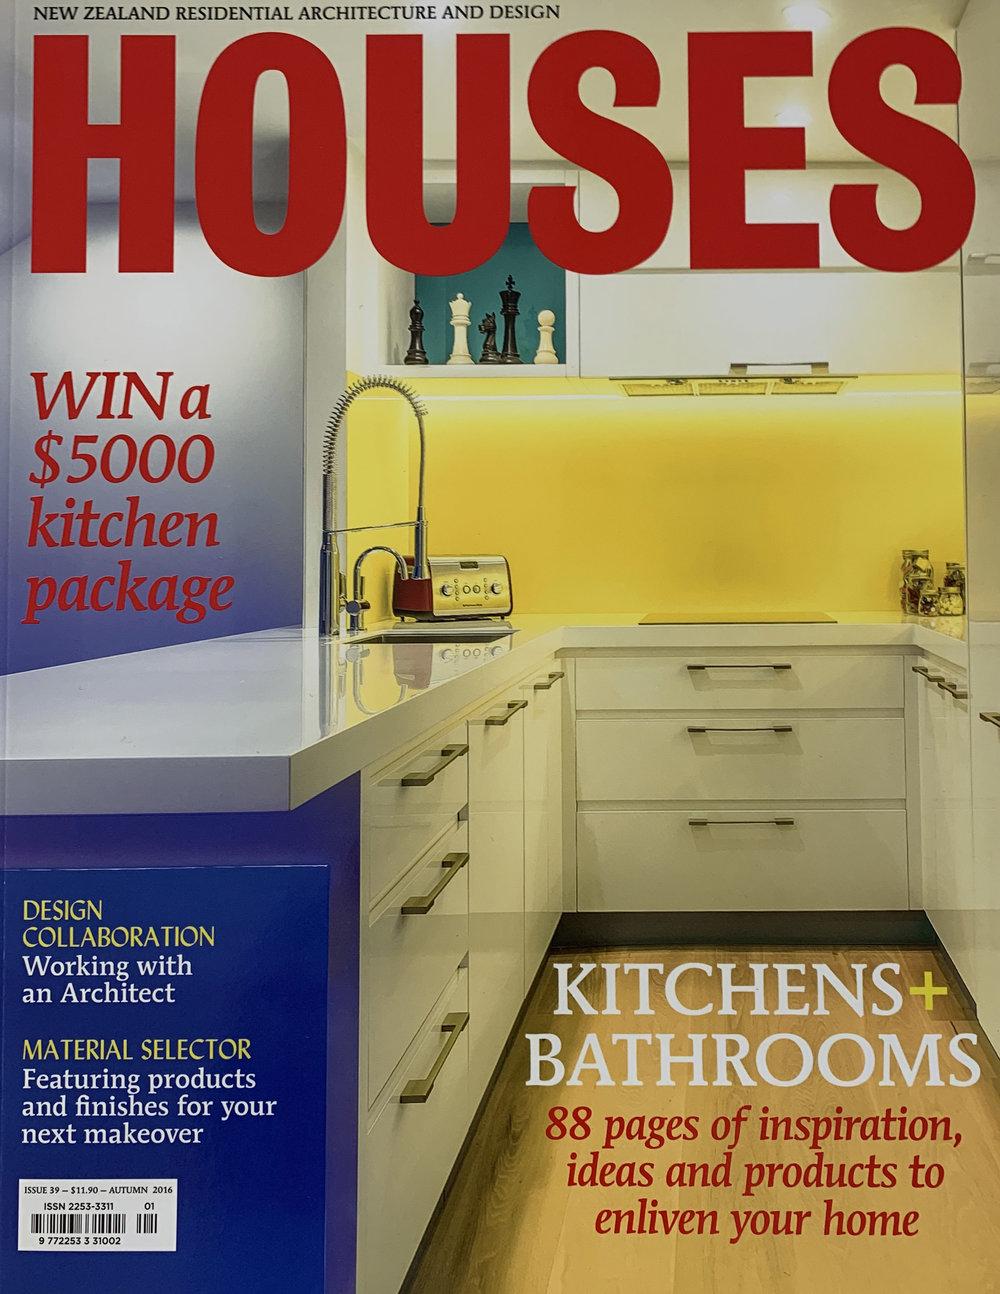 J Houses CV colour.jpg